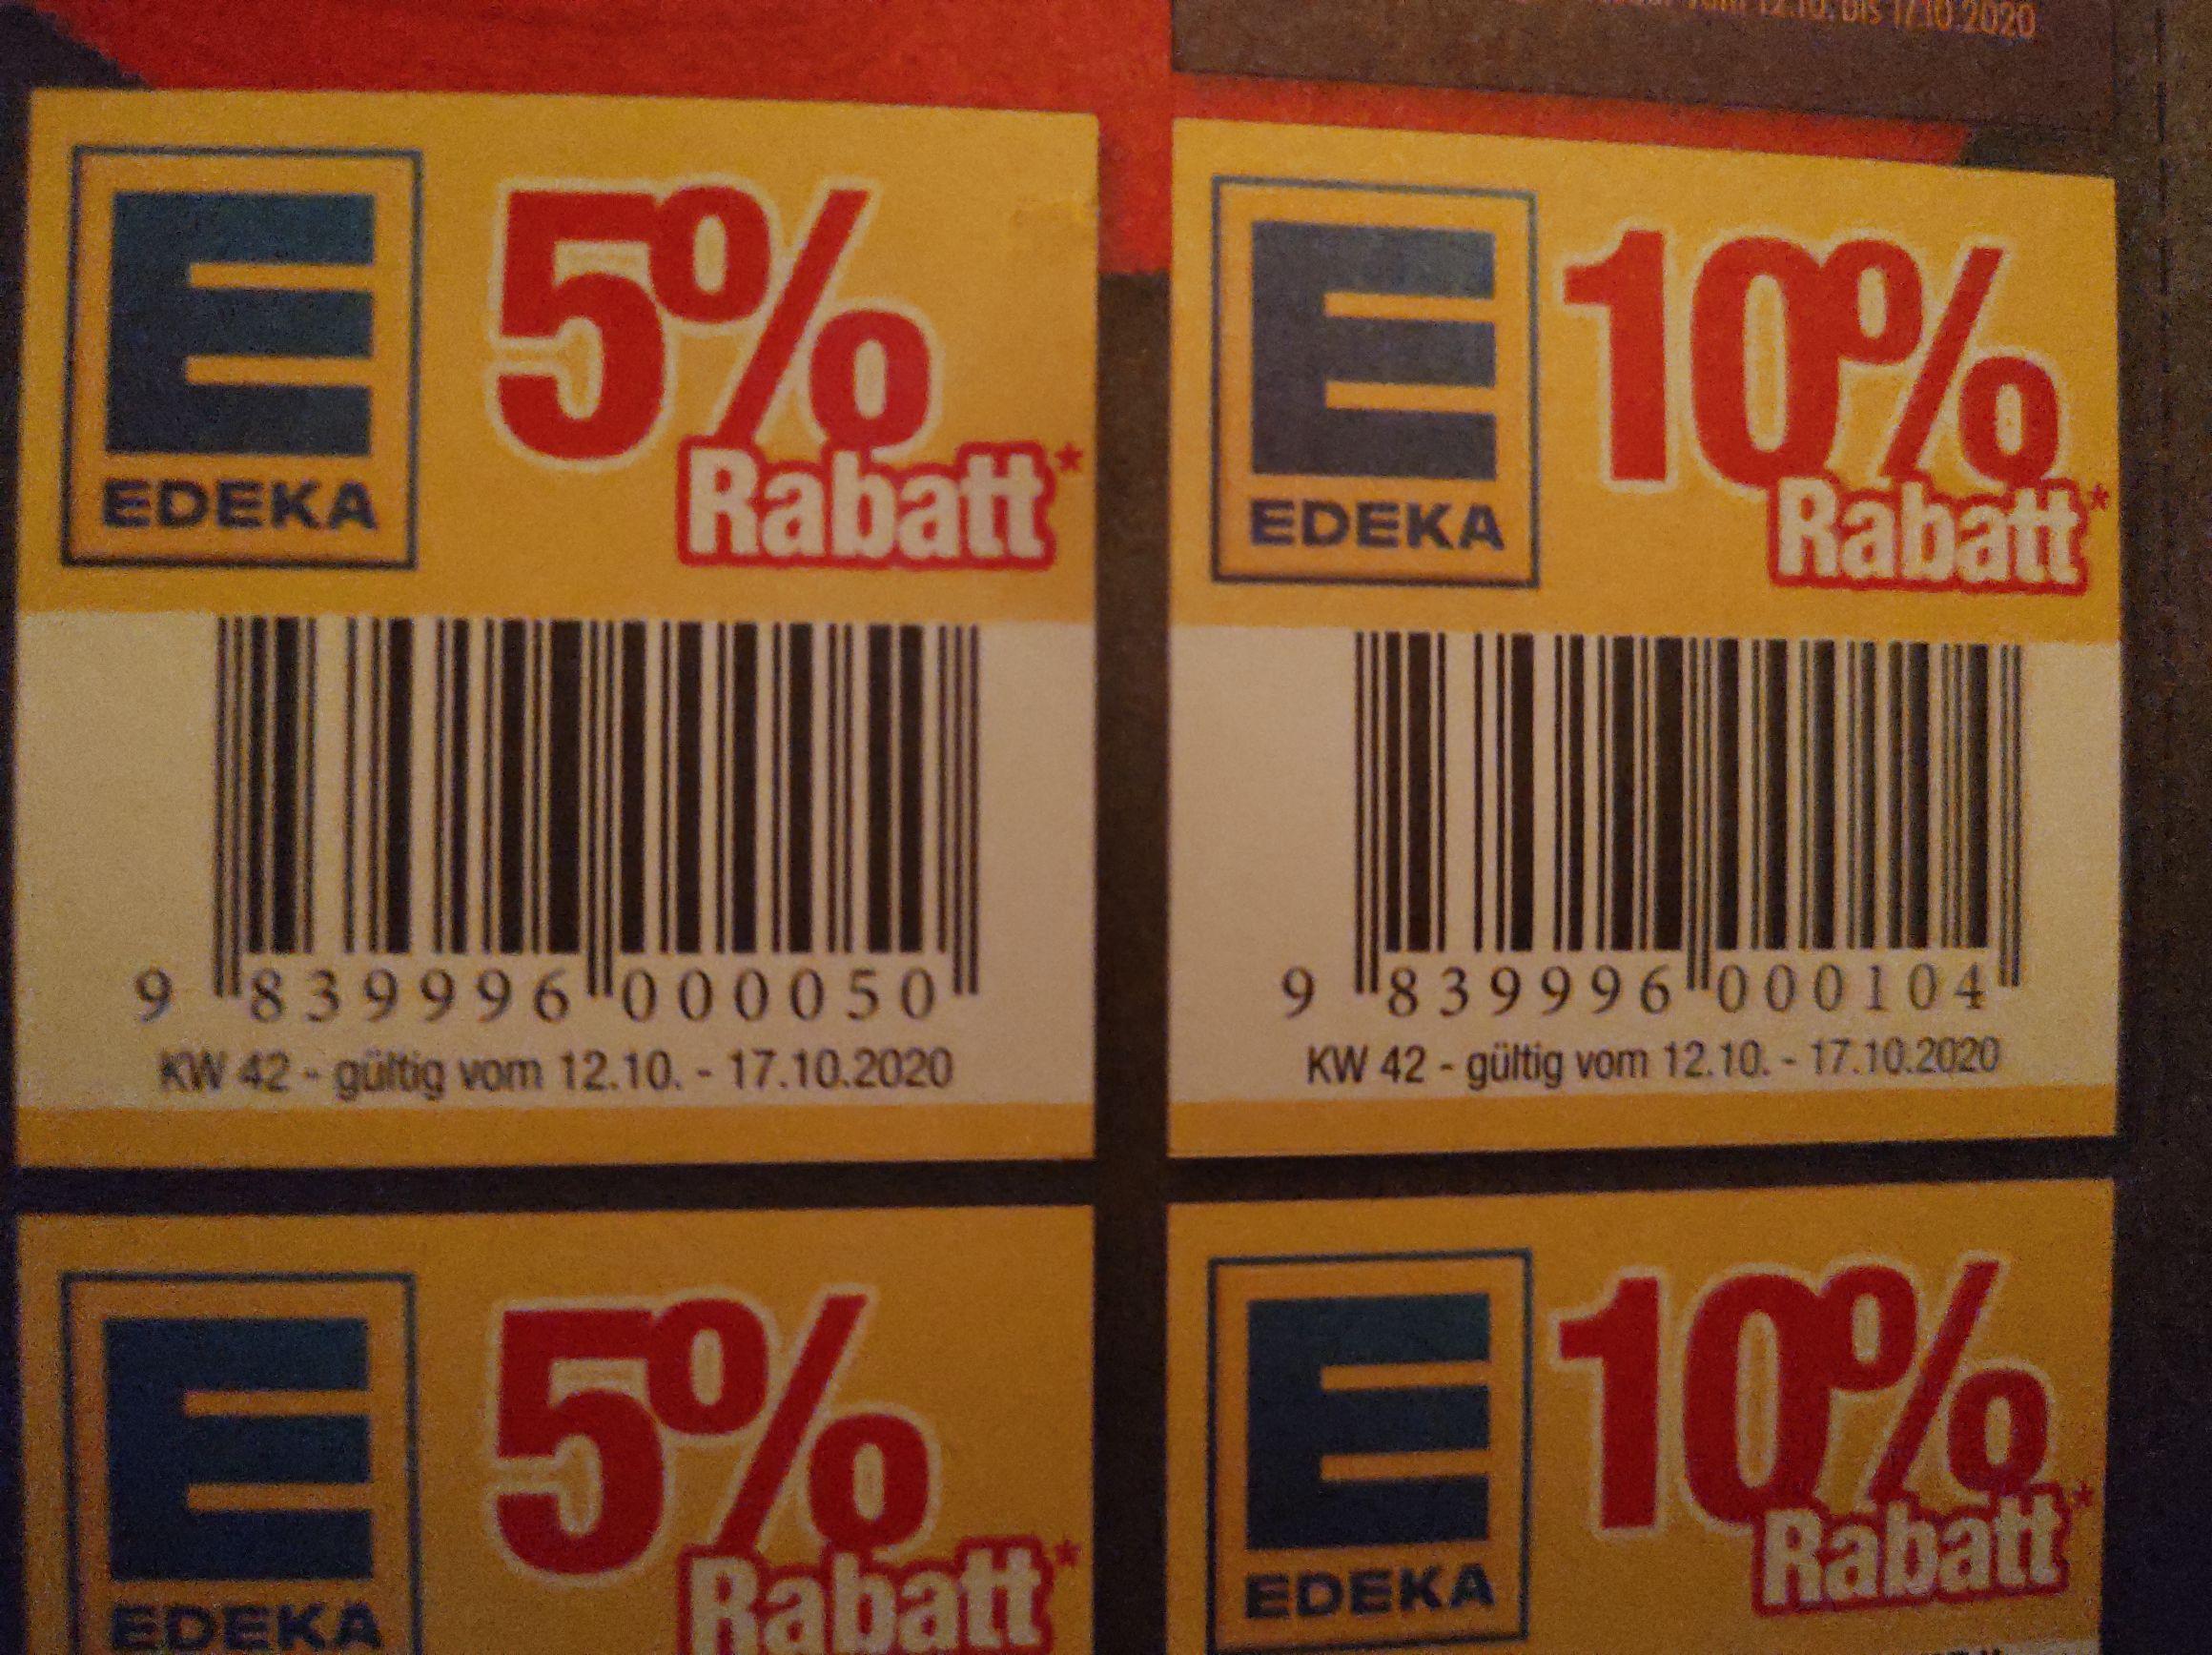 Edeka Kleberabatt 10% auf ein Produkt